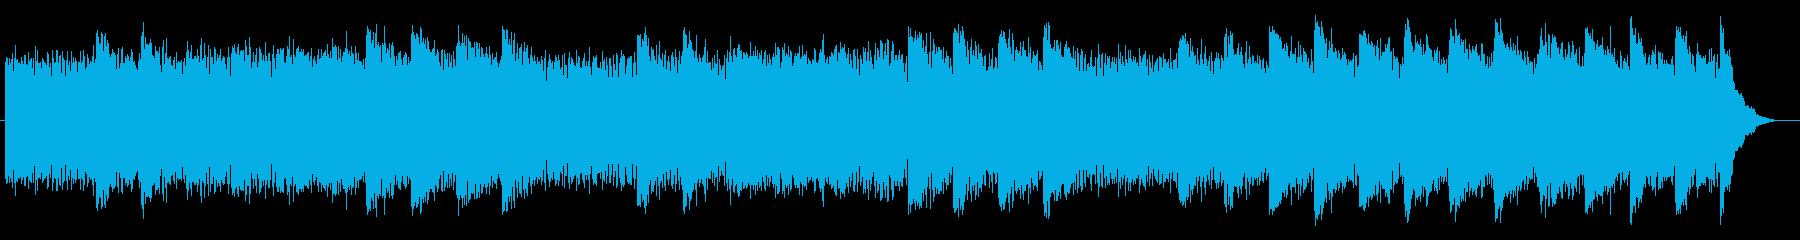 宇宙にいるような幻想的な曲の再生済みの波形